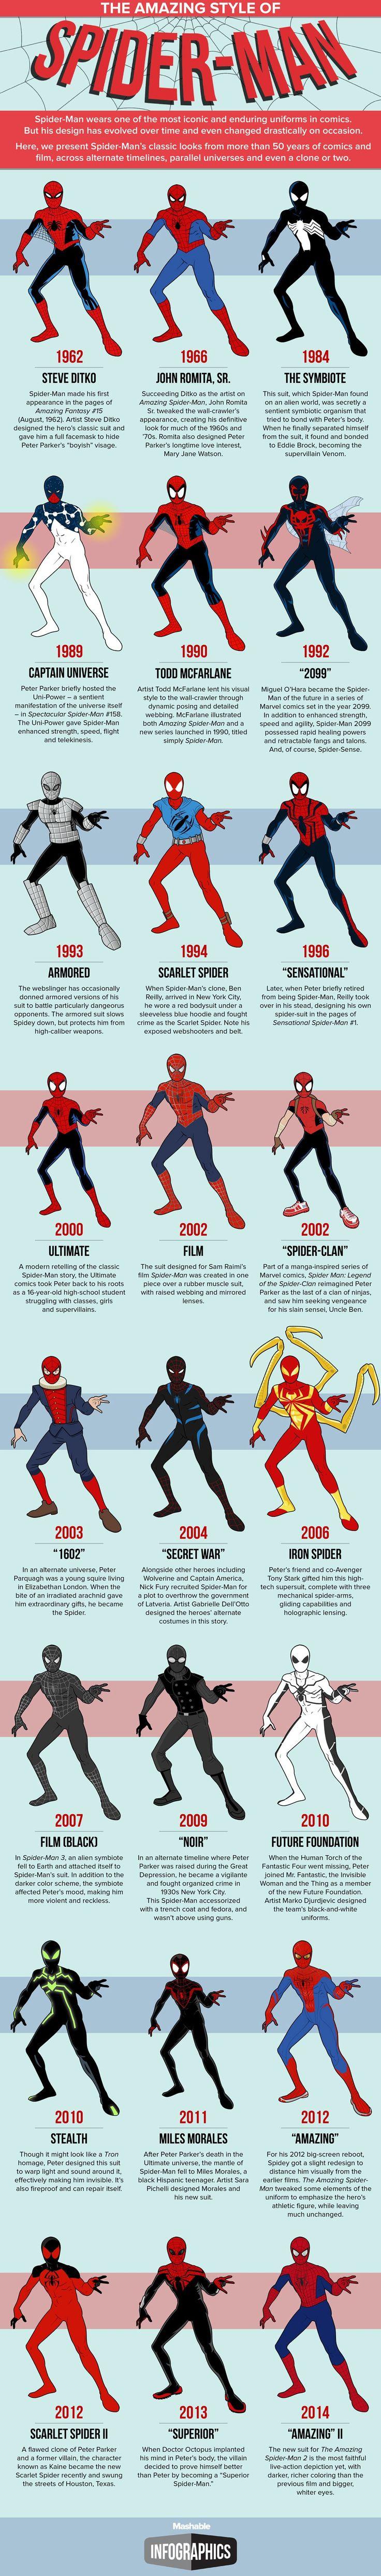 Todos los trajes de la historia de Spider-man